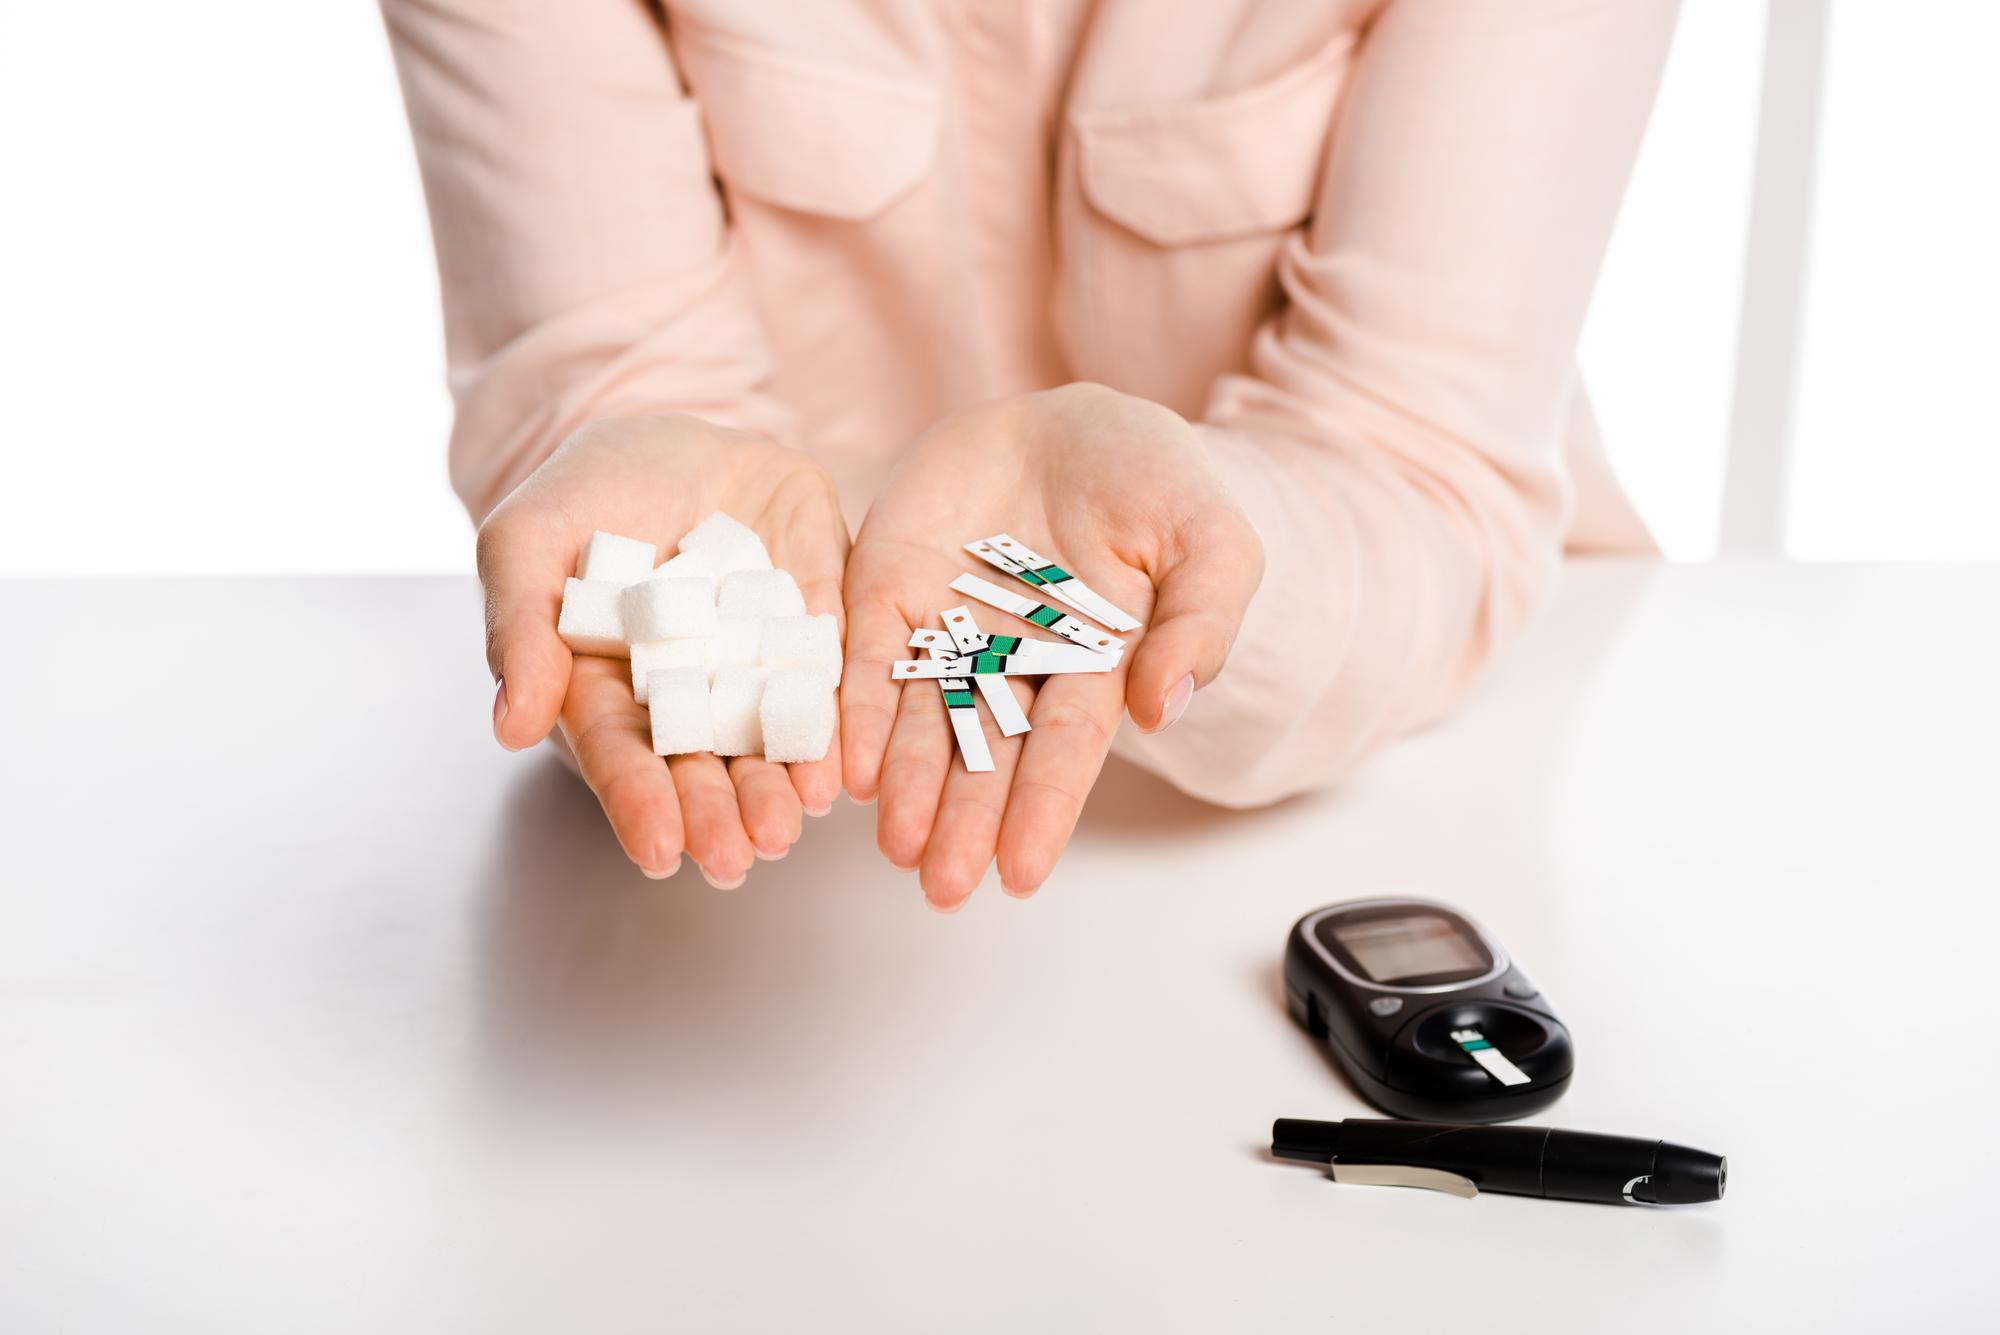 Диабет: как снизить риски